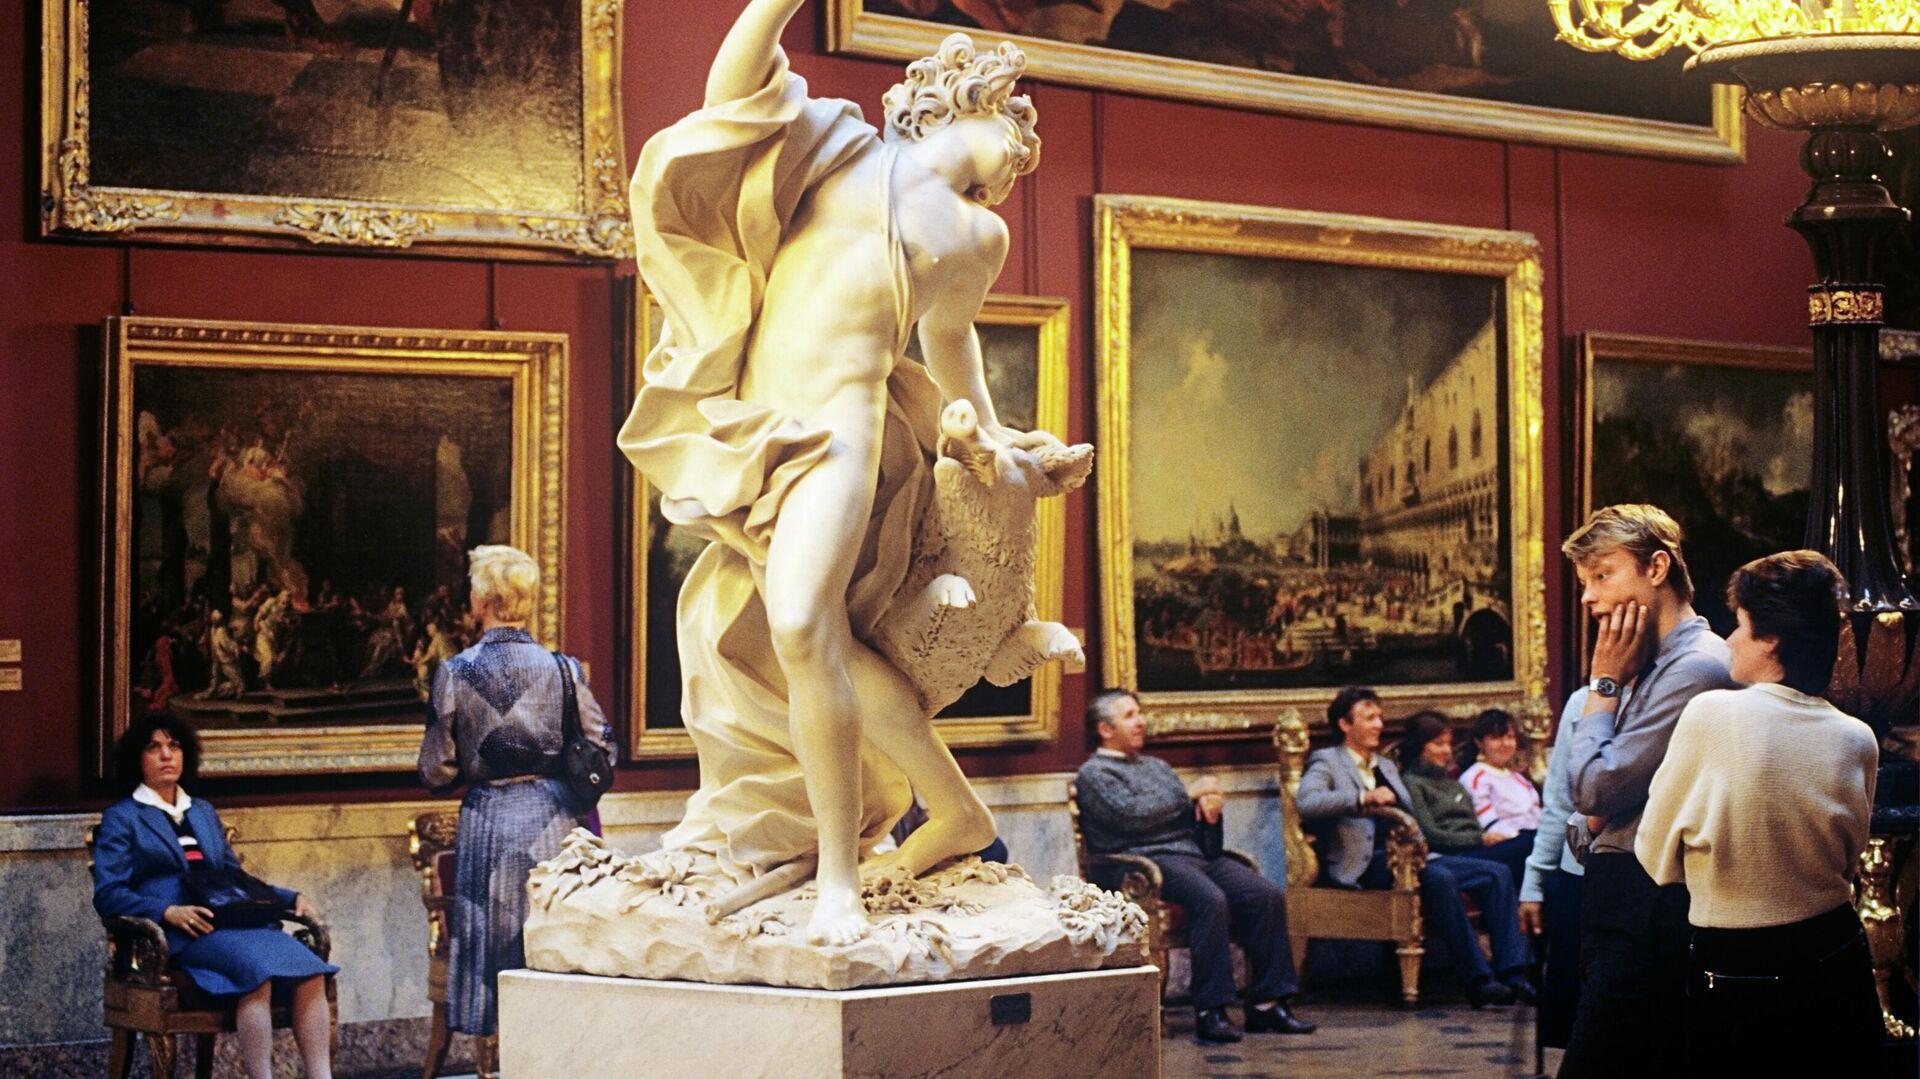 La sala dedicata all'arte italiana al museo Ermitazh di San Pietroburgo - Sputnik Italia, 1920, 30.09.2021